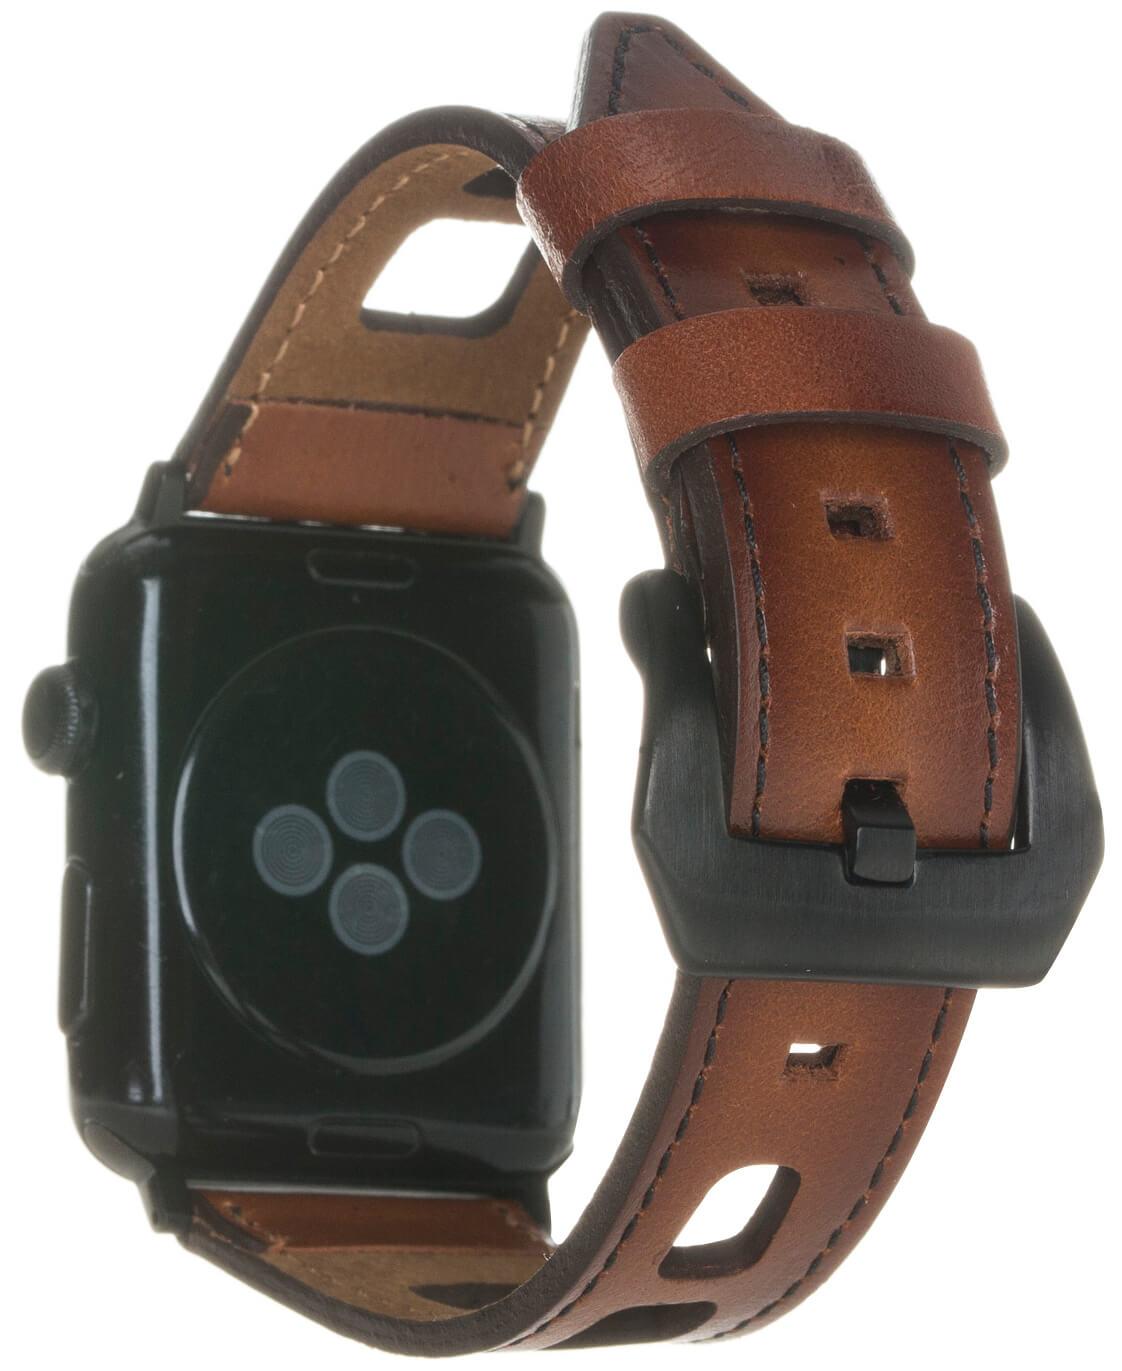 Armband Square auch für Überlänge kompatibel mit der Apple Watch Lederarmband 42mm & 44mm Echtes Leder Uhrenarmband für Series 4, Series 3, Series 2, Series 1 in Cognac Braun Burned